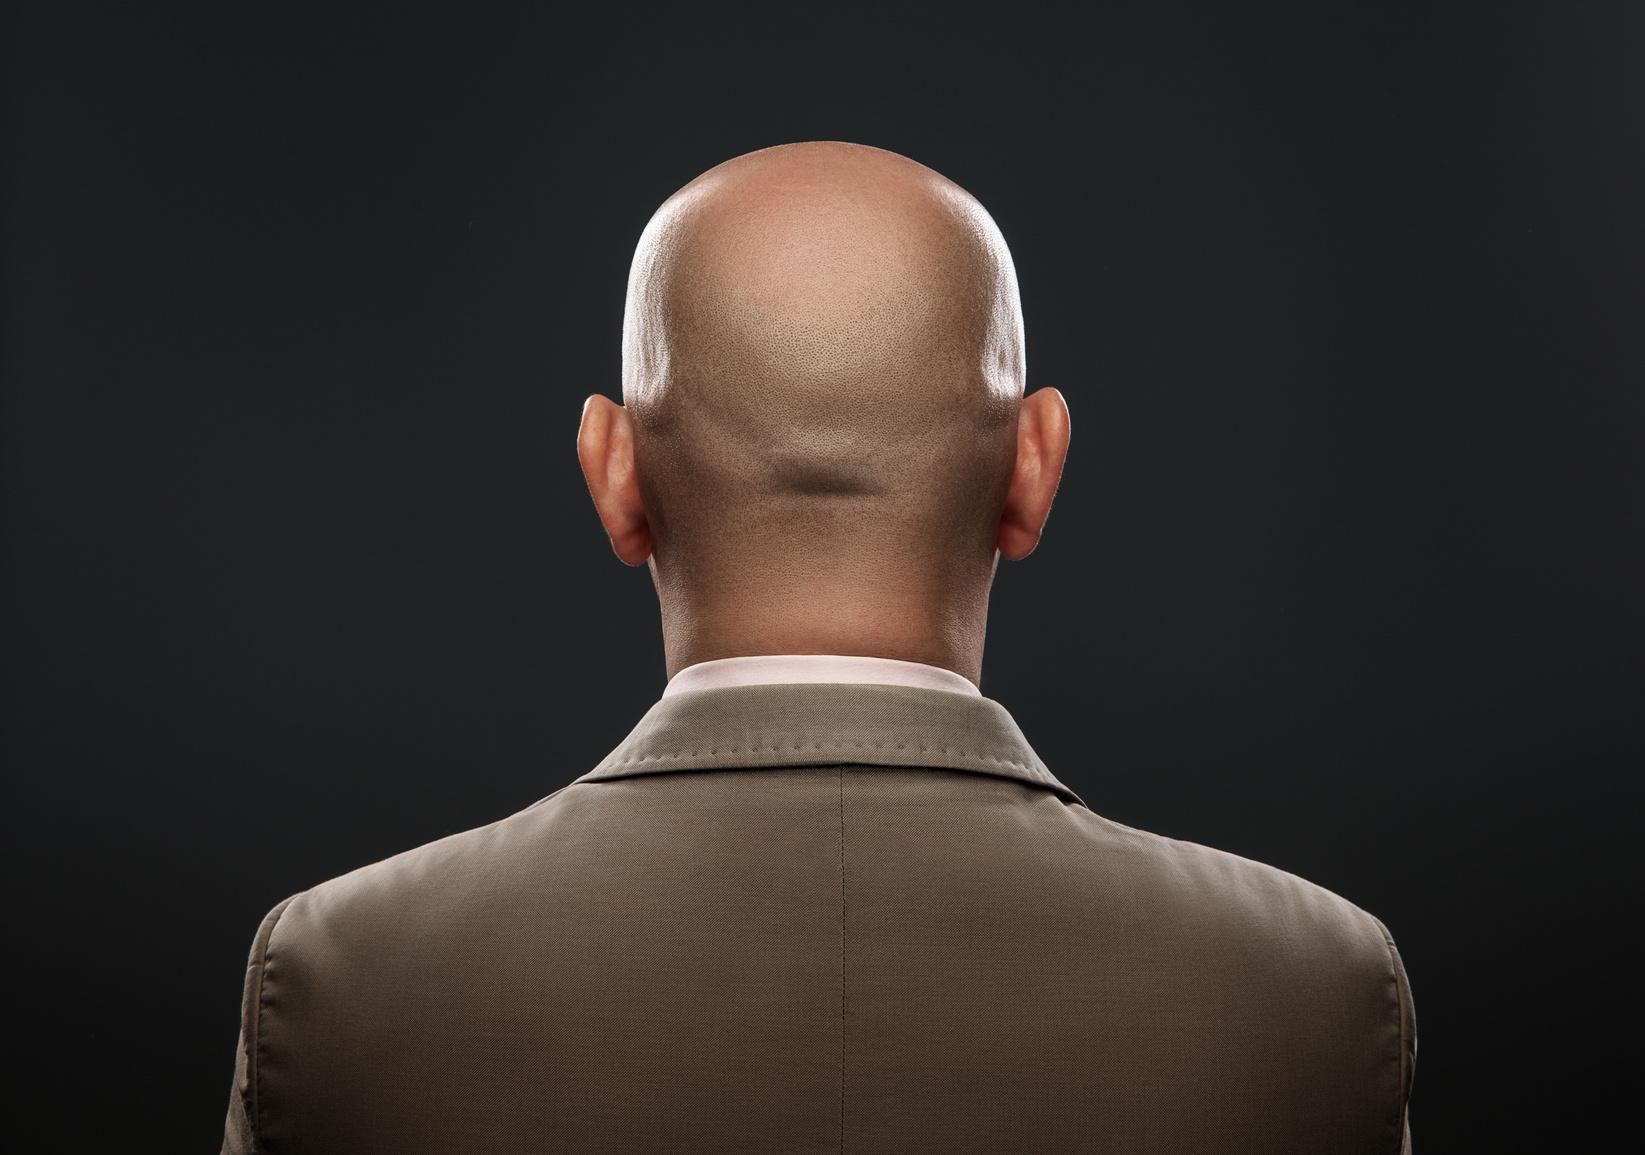 zmiana kształtu głowy, wyrownanie nierowności skóry głowy